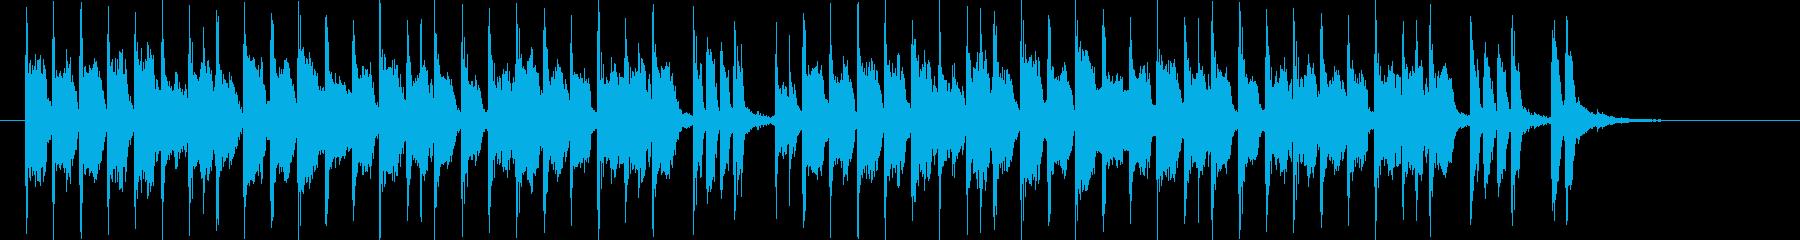 可憐でキャッチ―なシンセポップジングルの再生済みの波形